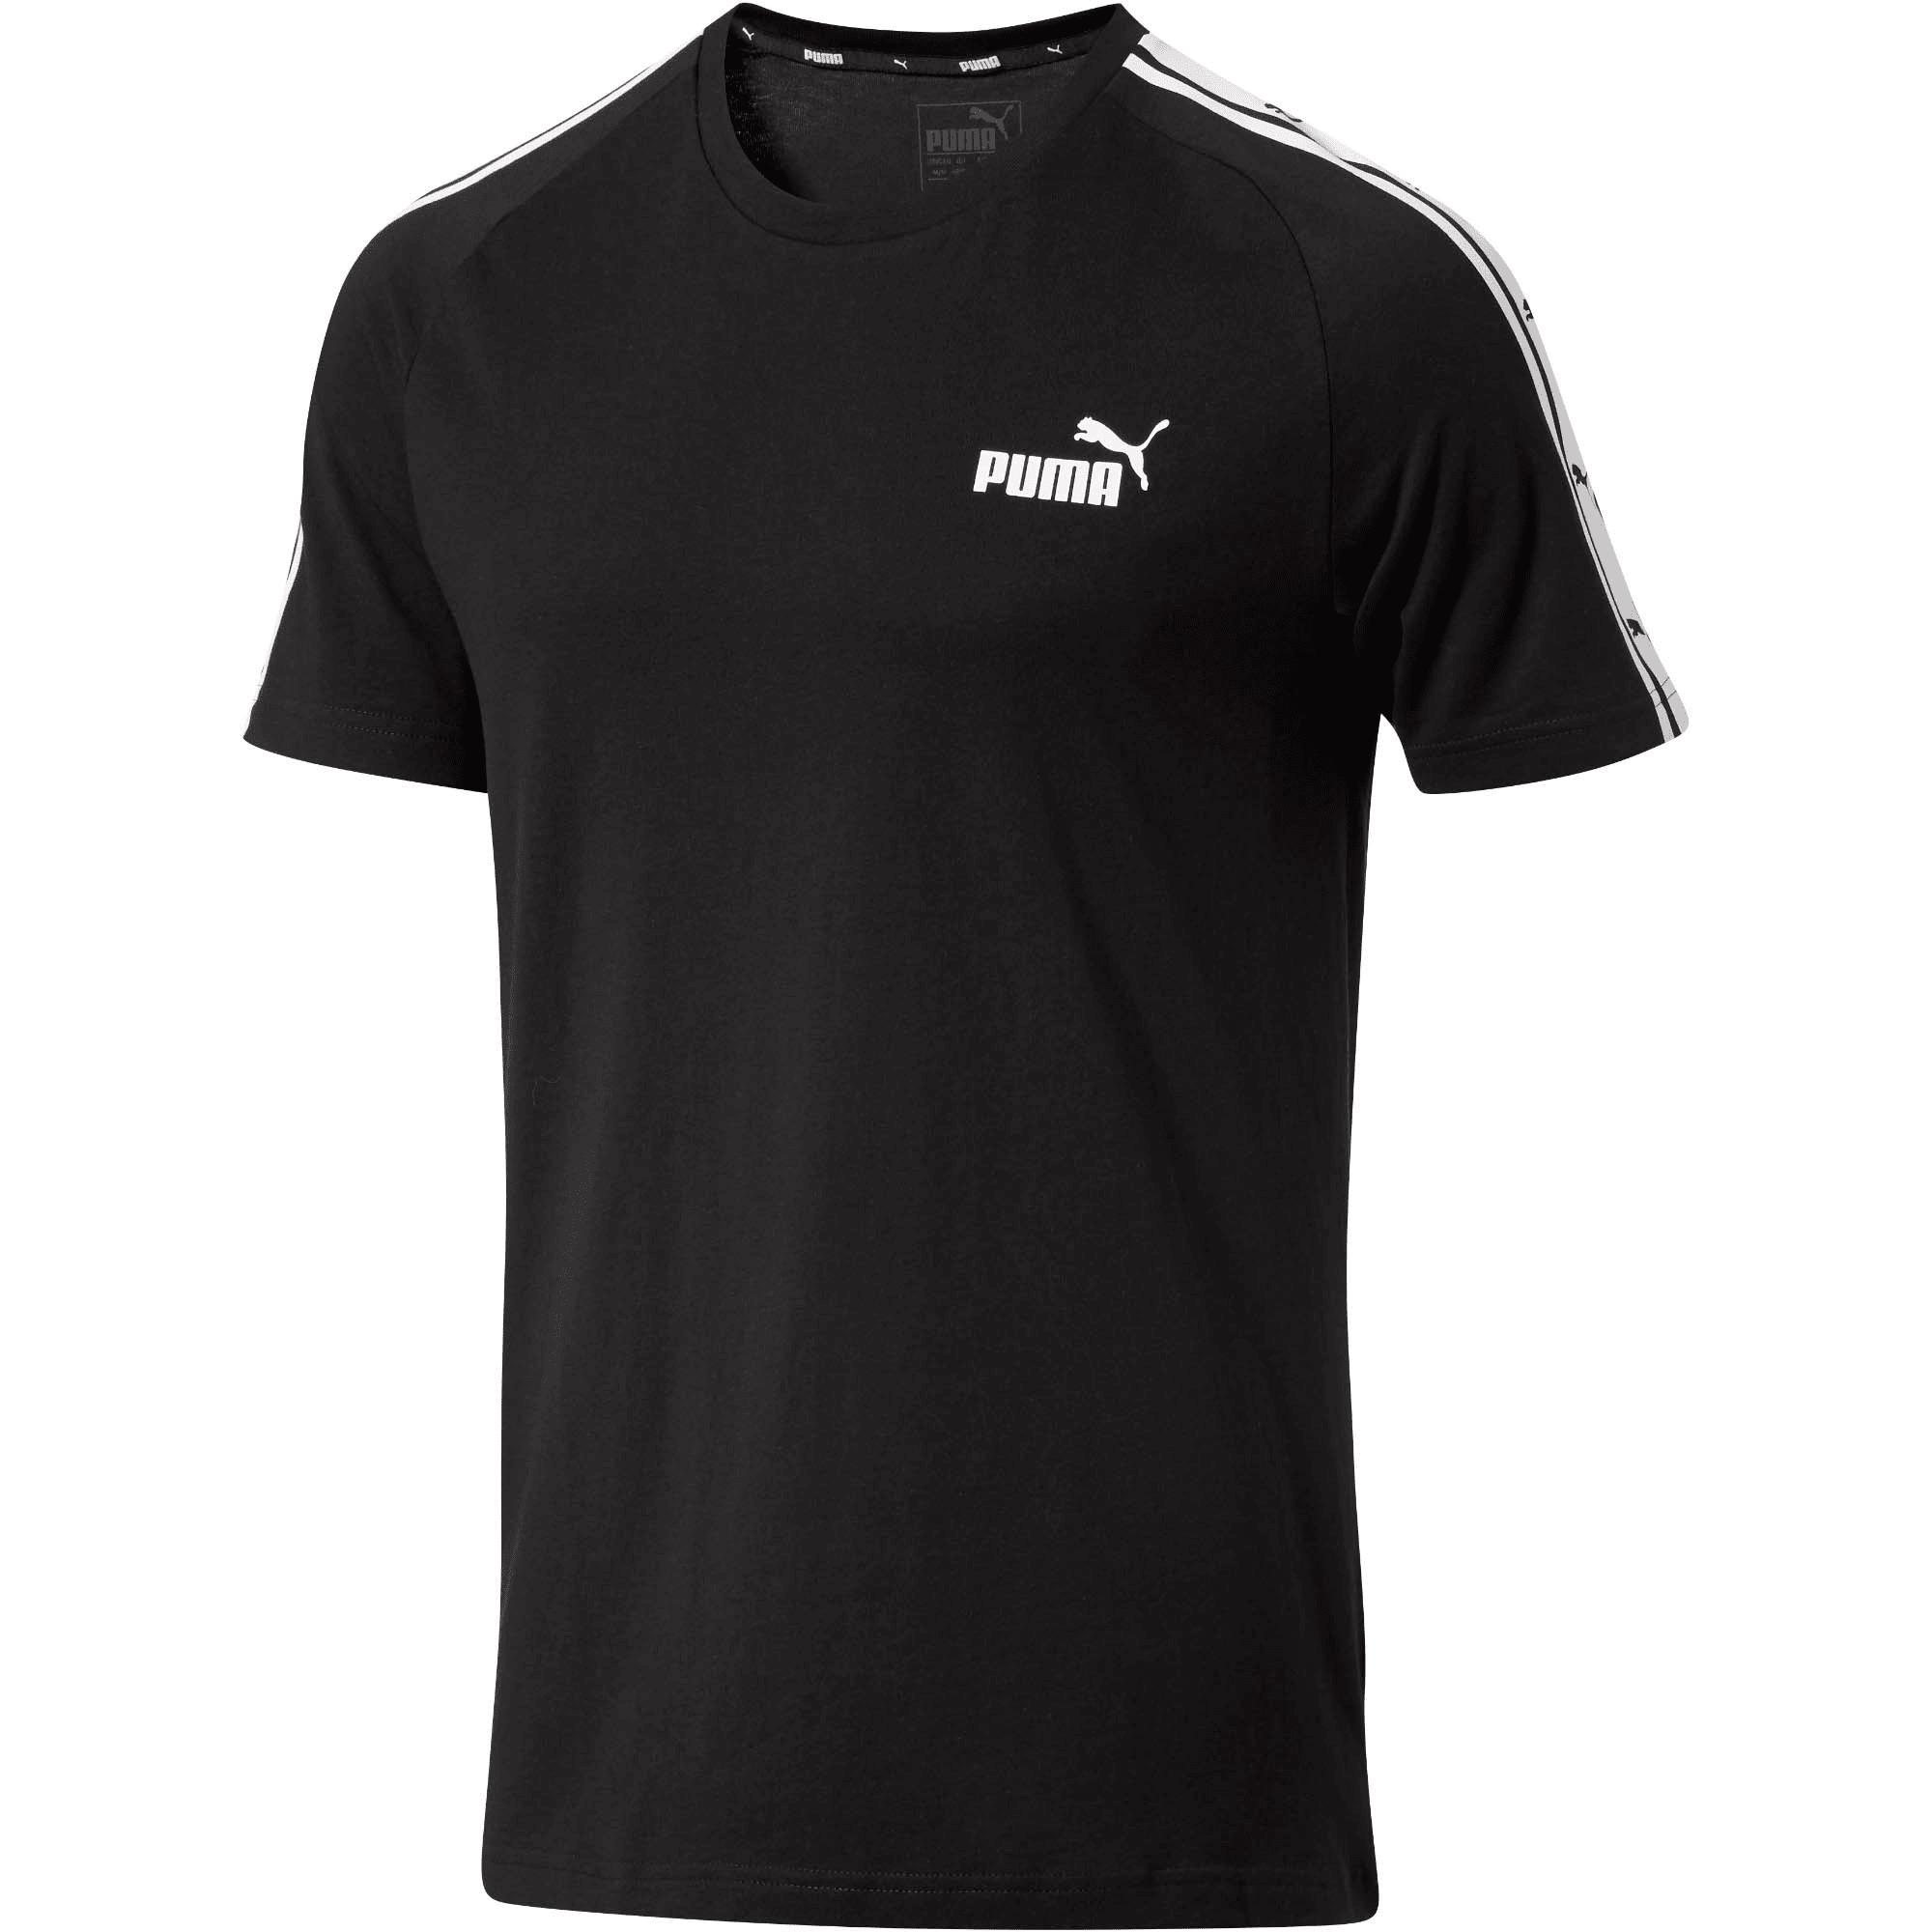 Thumbnail 1 of Men's Heritage Tape T-Shirt, Cotton Black, medium